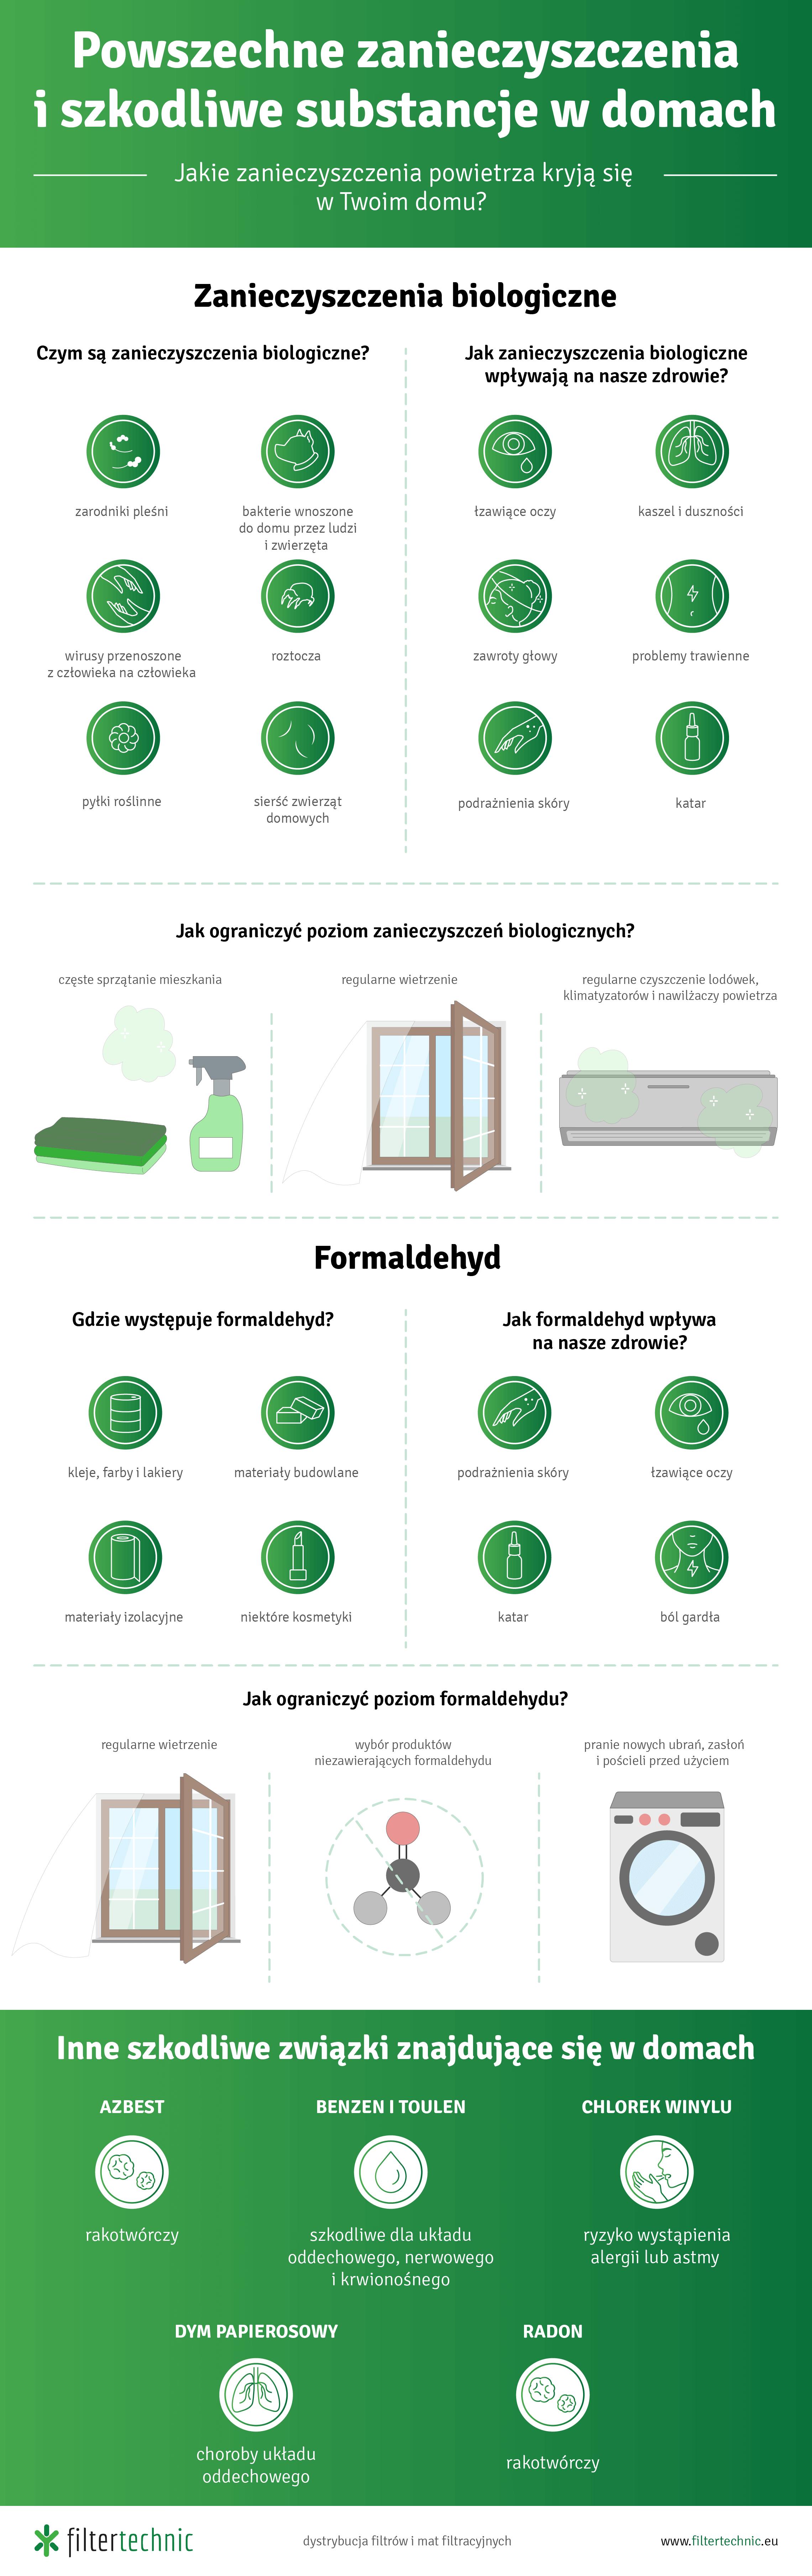 Powszechne zanieczyszczenia i szkodliwe substancje w domach